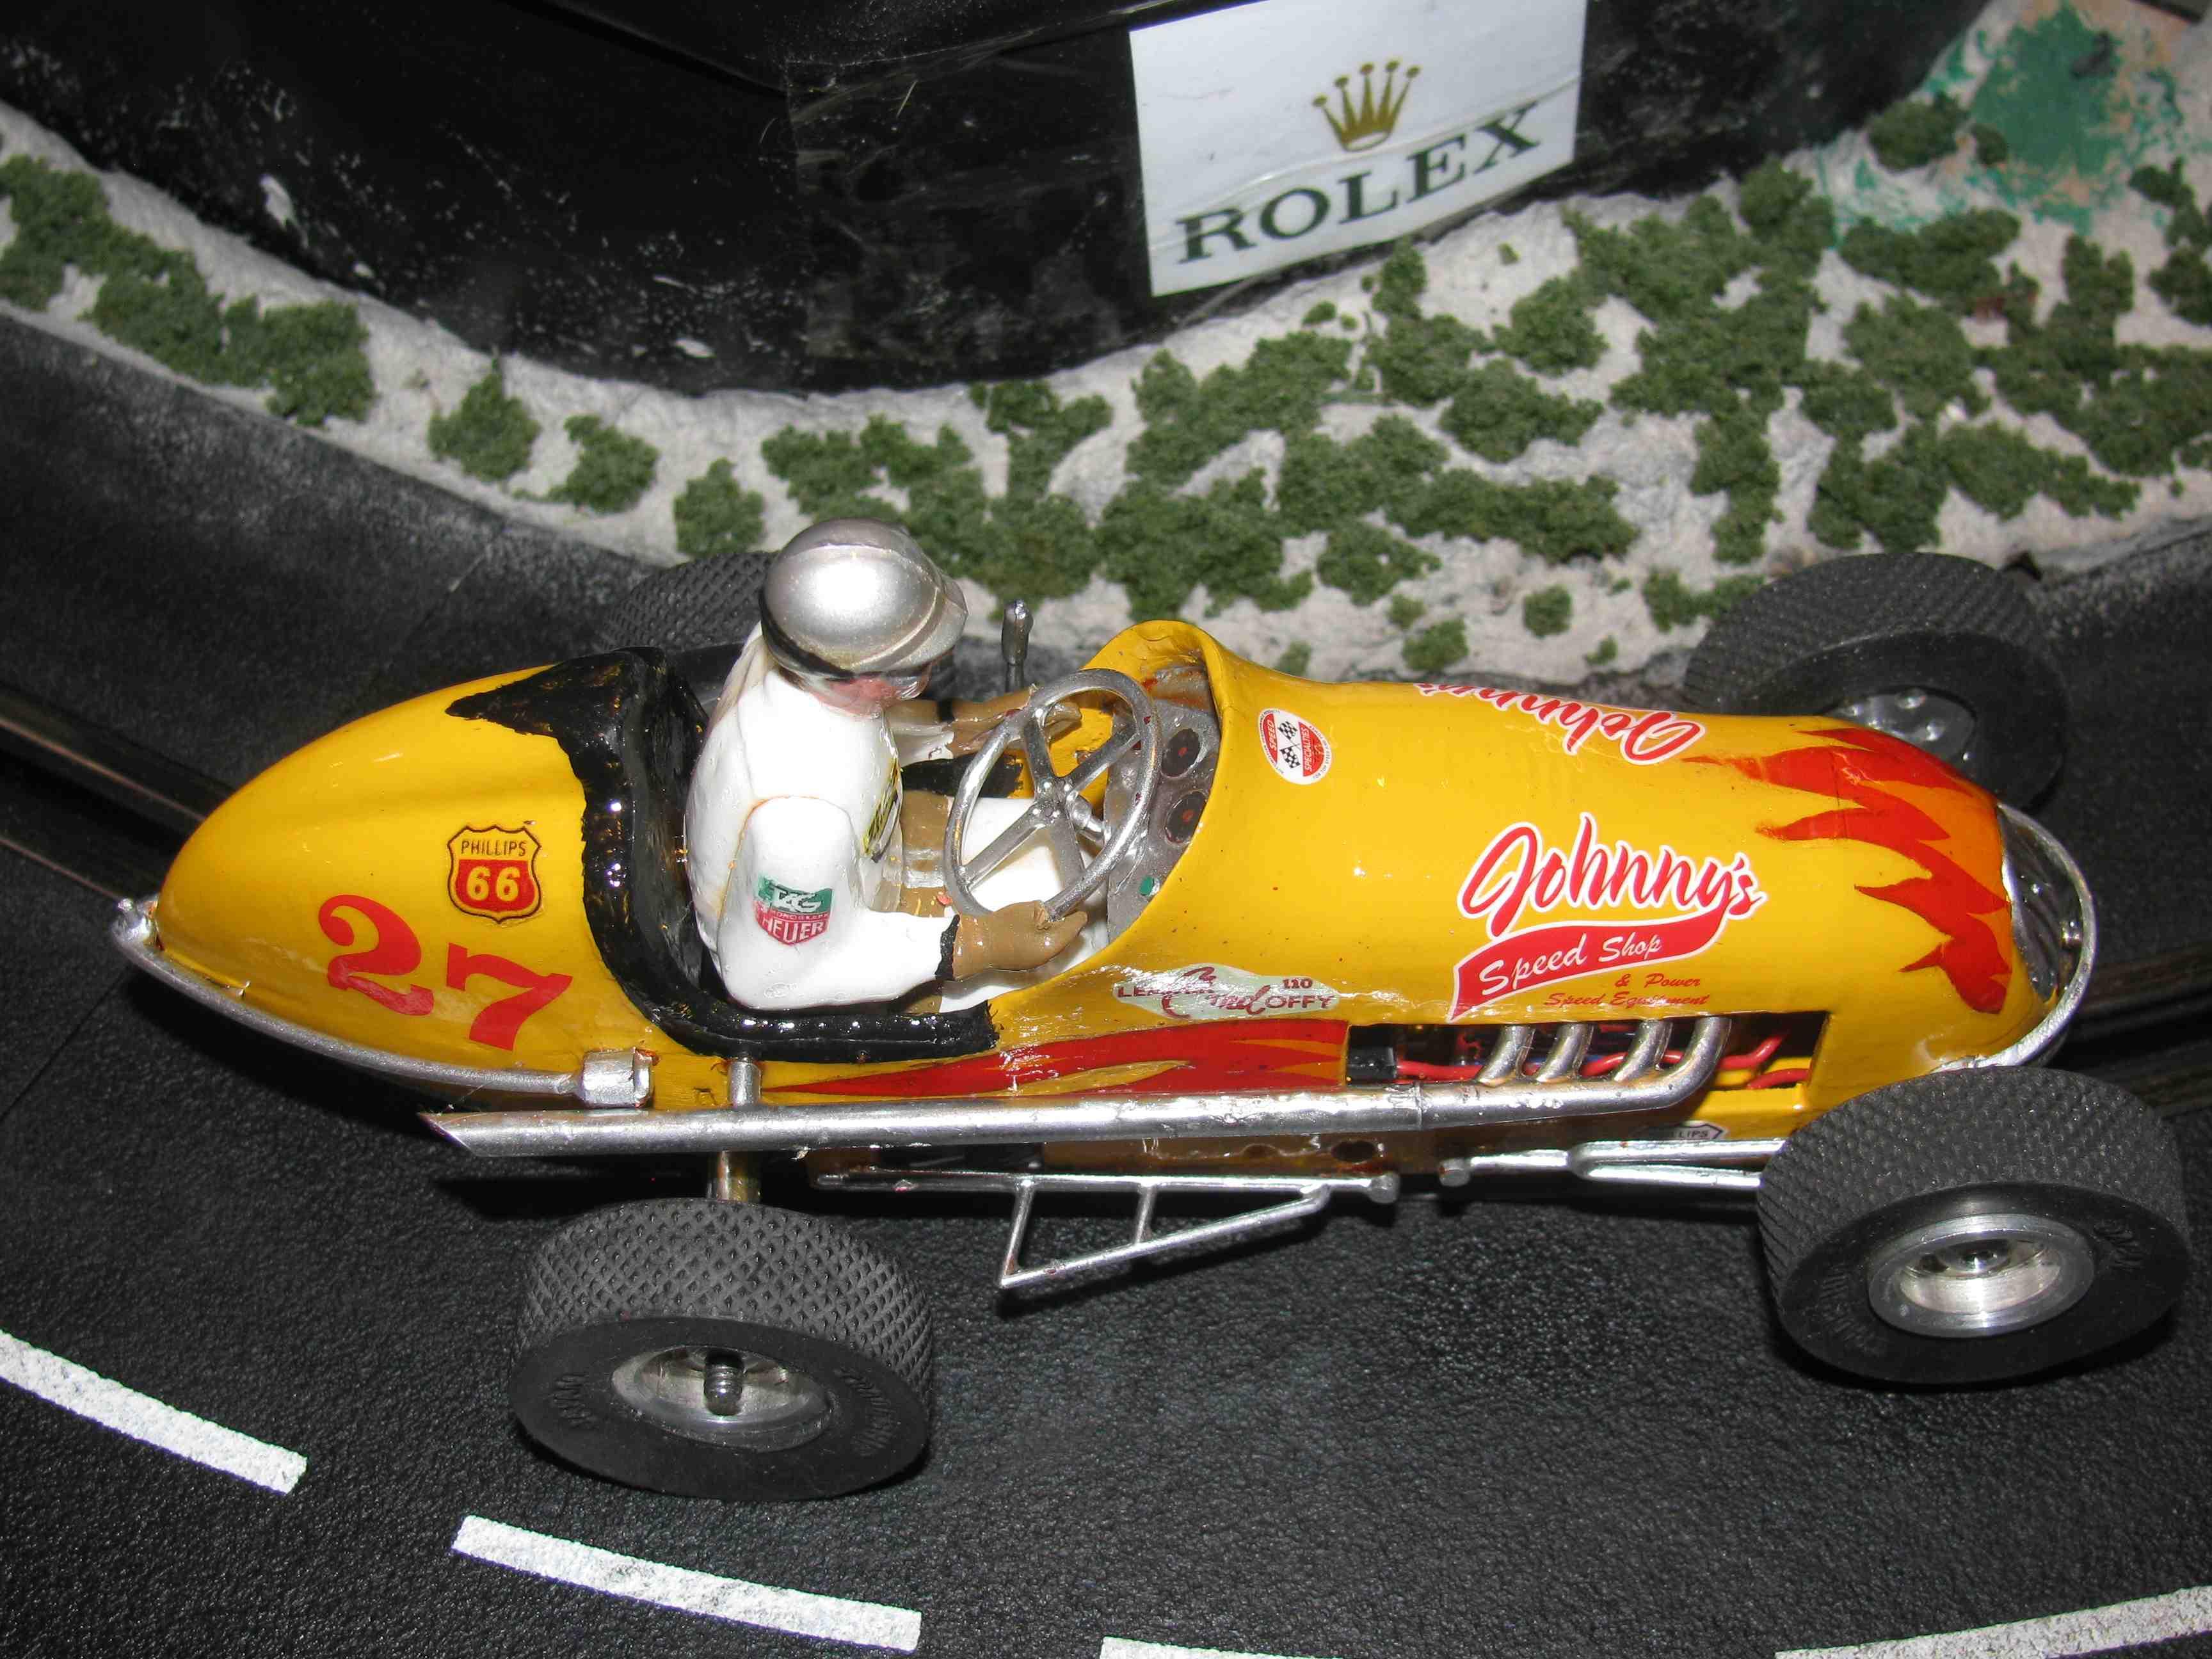 """* SOLD * Vintage Monogram Midget Racer """"Johnny's Speed Shop"""" Slot Car 1/24 Scale Car #27"""